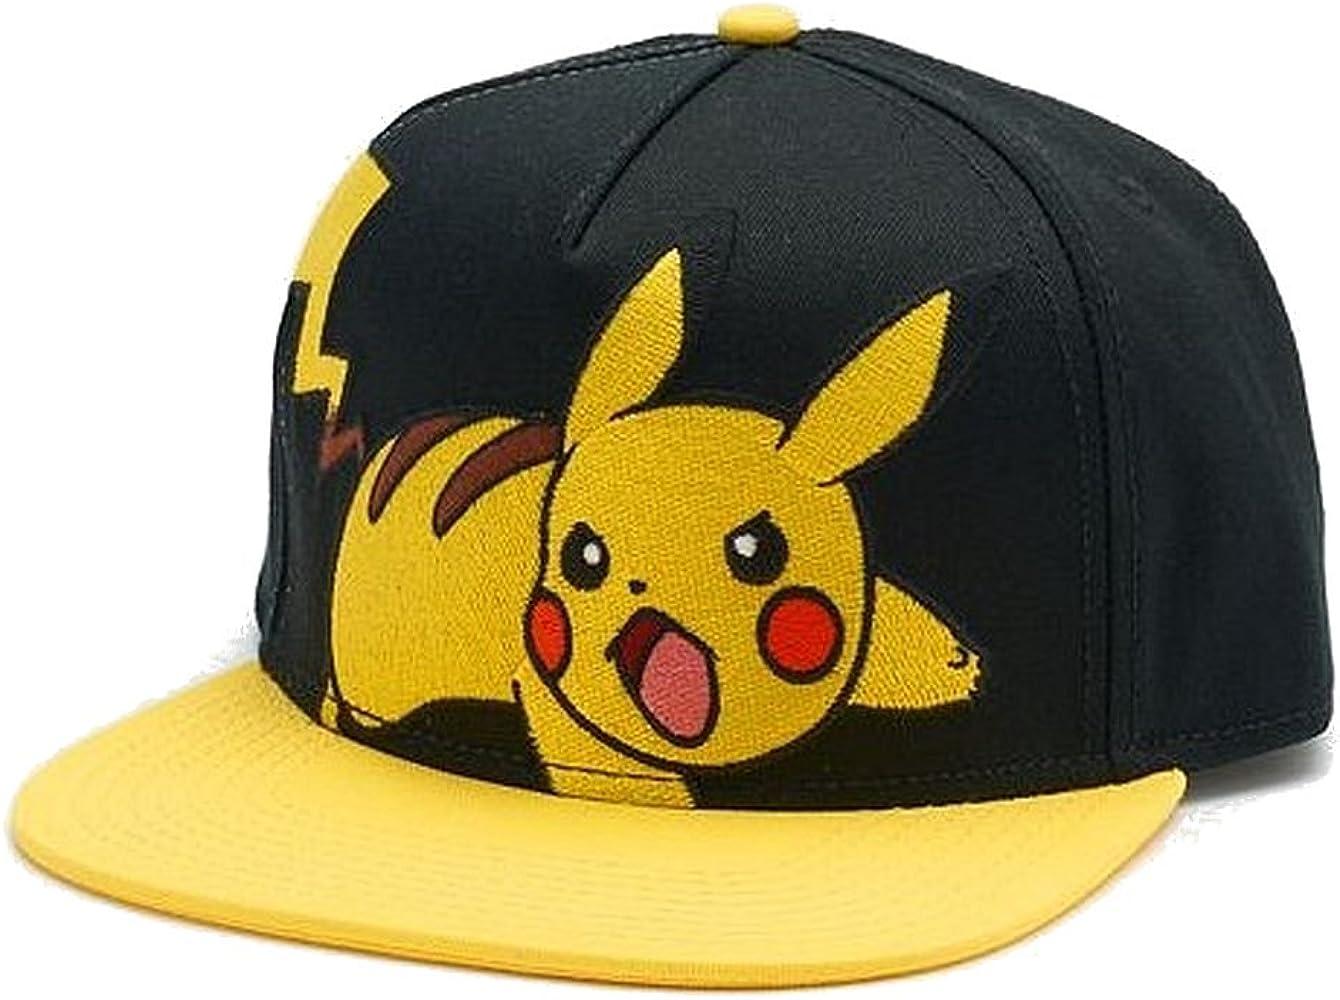 Para hombre bordado, diseño de Pokémon Pikachu gorra sombrero ...